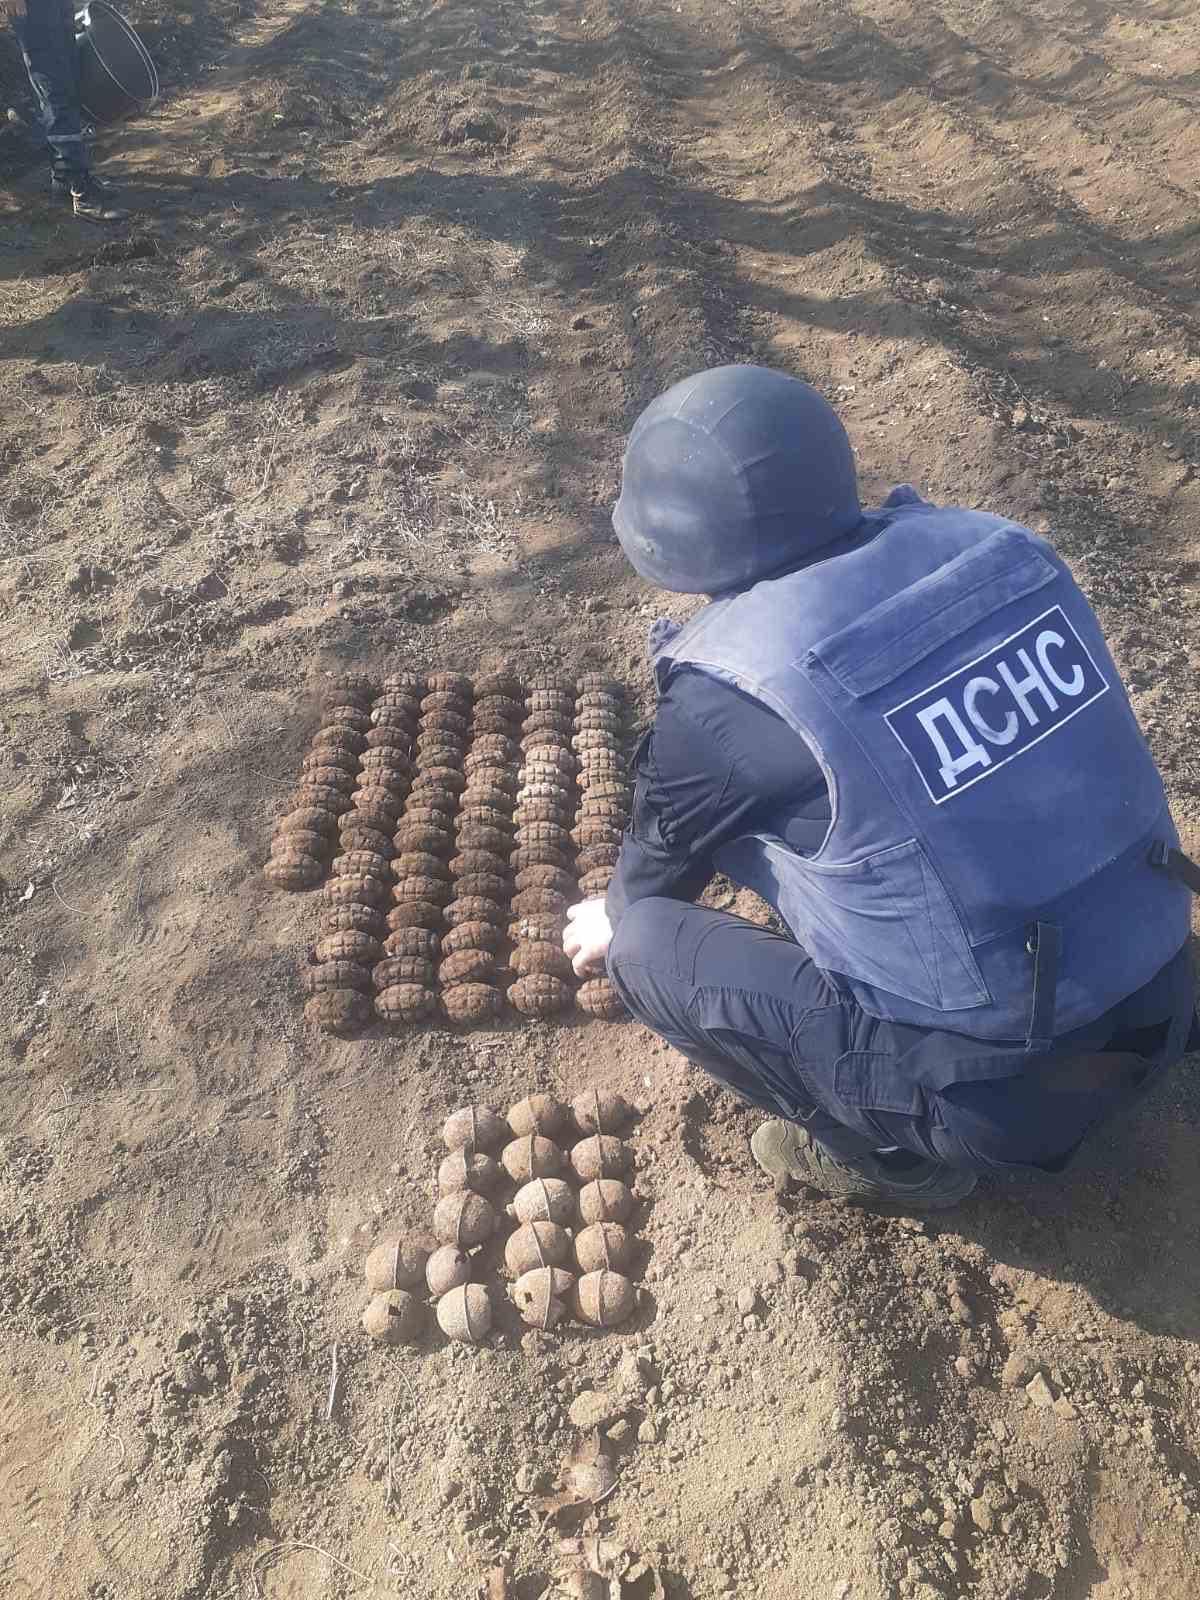 Піротехніки вилучили 102 гранати / Фото: ДСНС